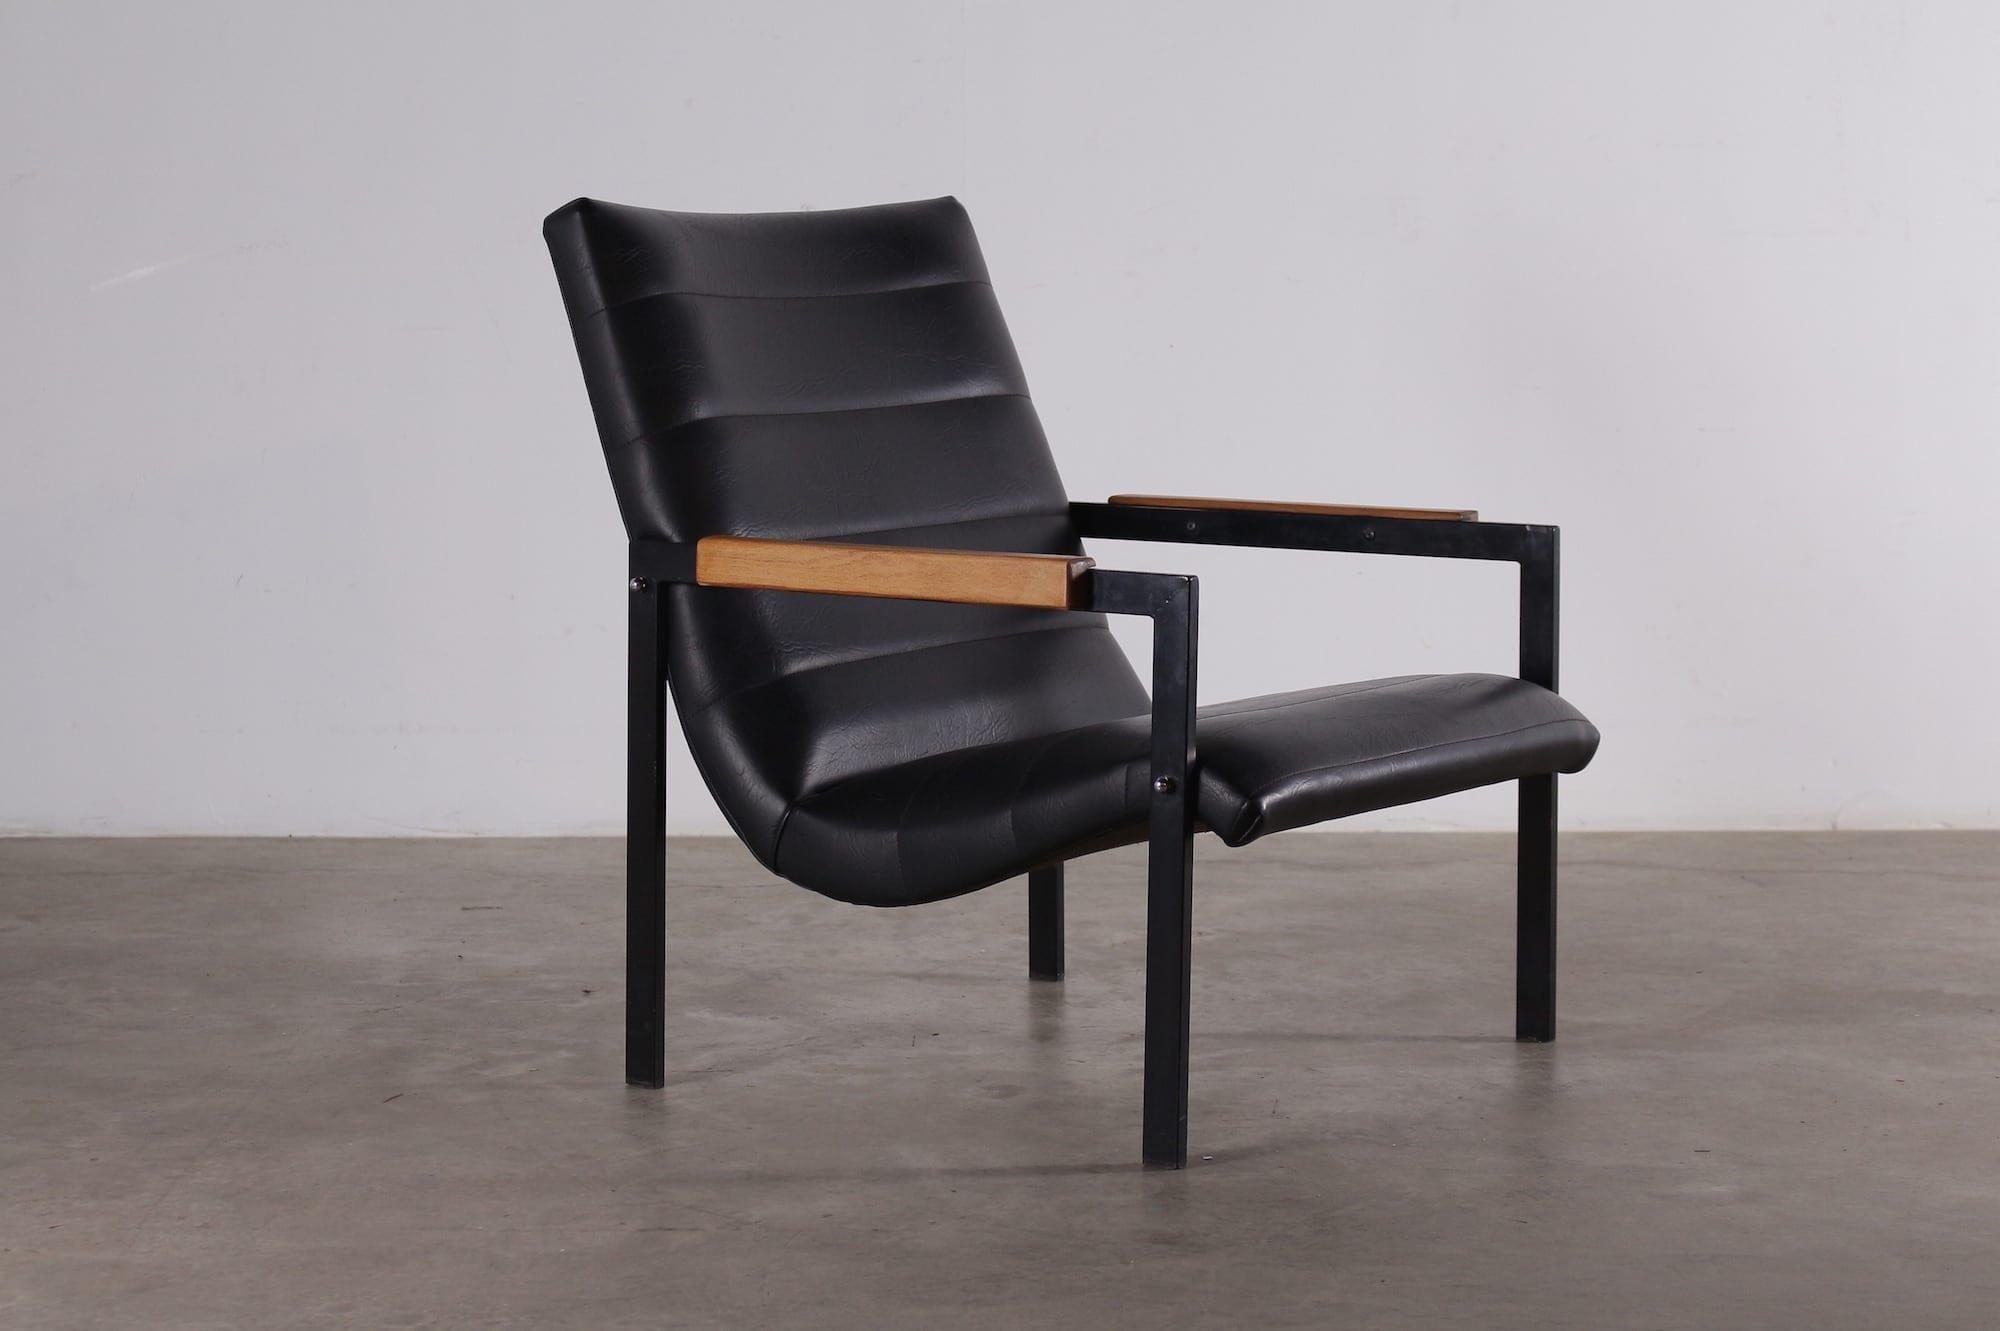 fauteuil las vegas pierre guariche meurop meubles vintage li ge. Black Bedroom Furniture Sets. Home Design Ideas